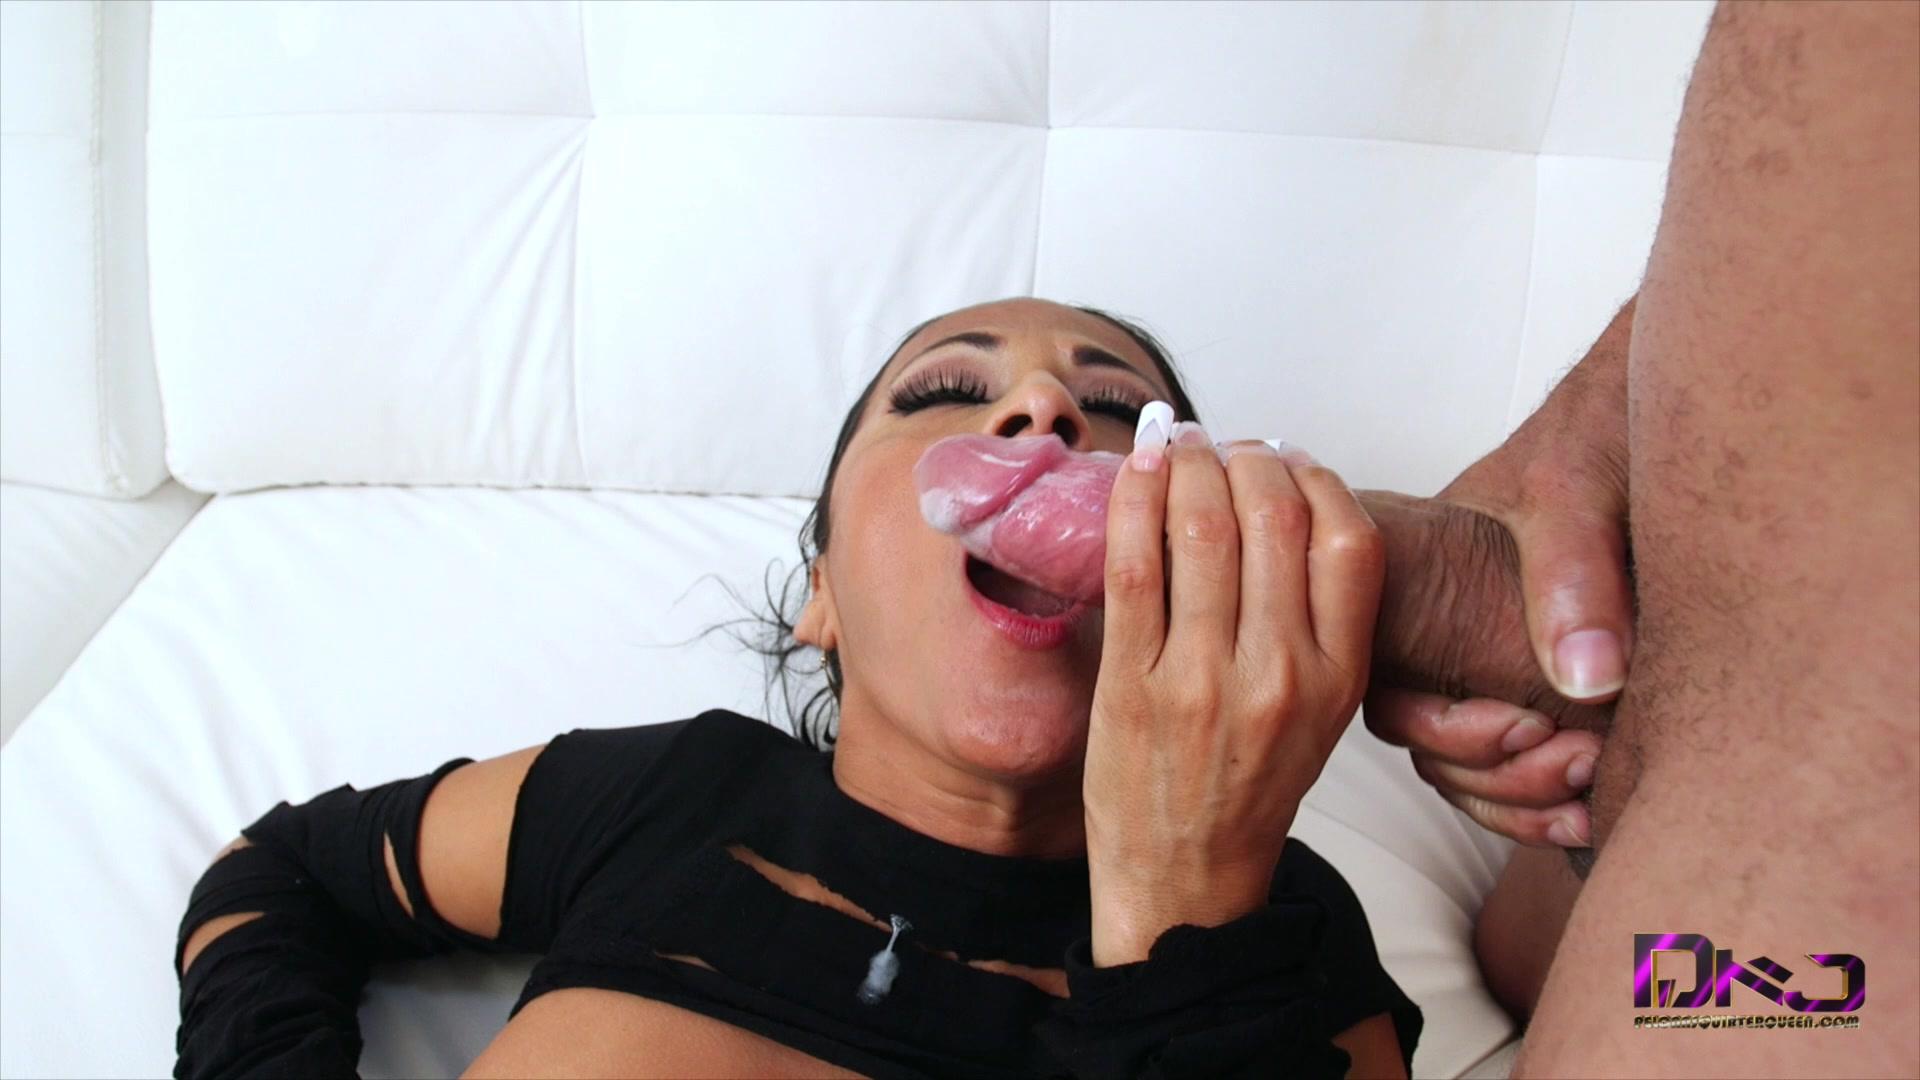 Porn On Comcast During Superbowl